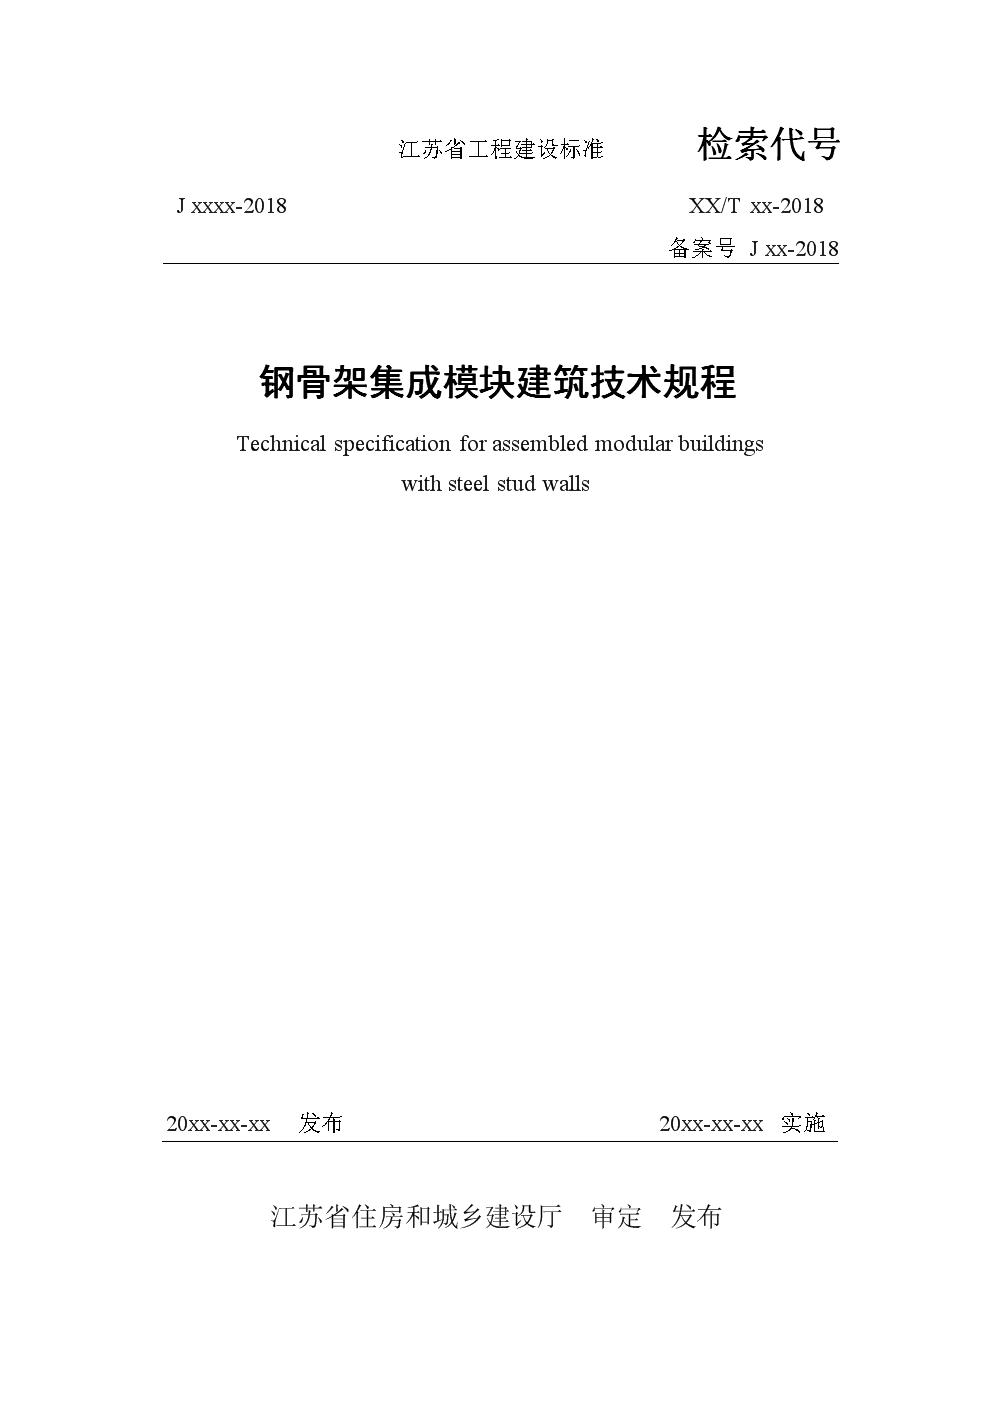 江苏《钢骨架集成模块建筑技术规程》(征求意见稿).docx